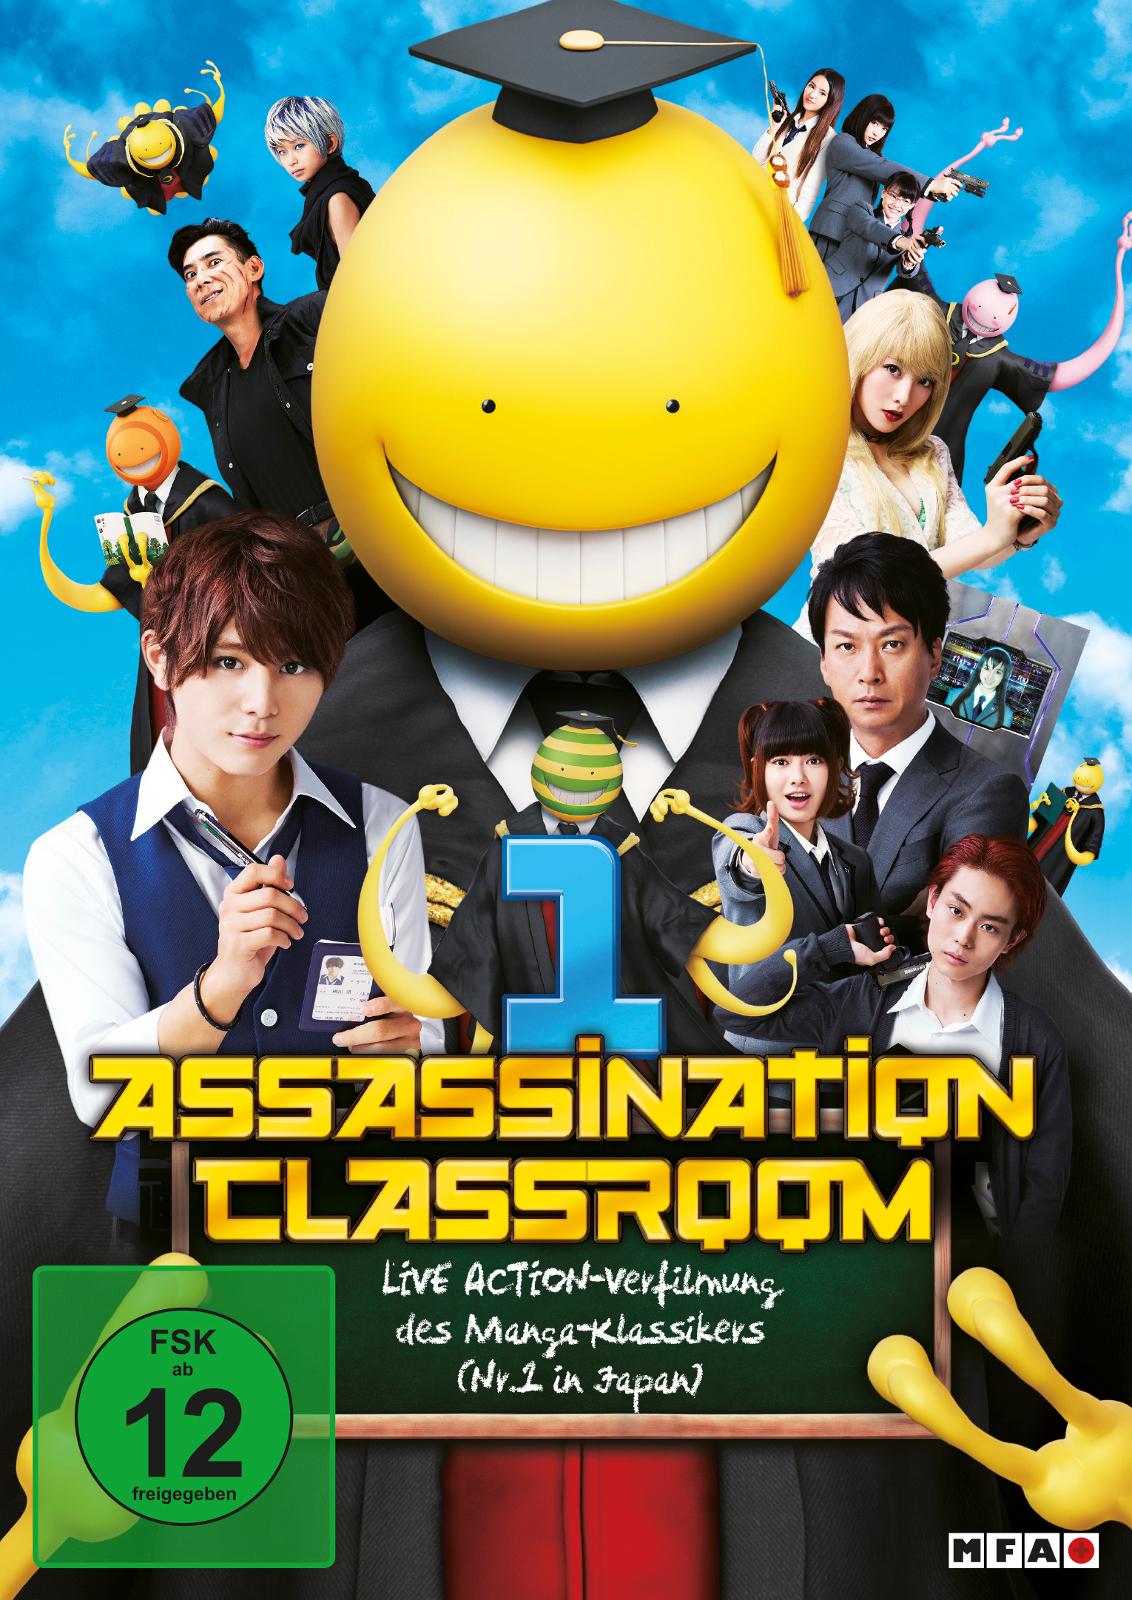 Assassination Classroom 1 Schauspieler Regie Produktion